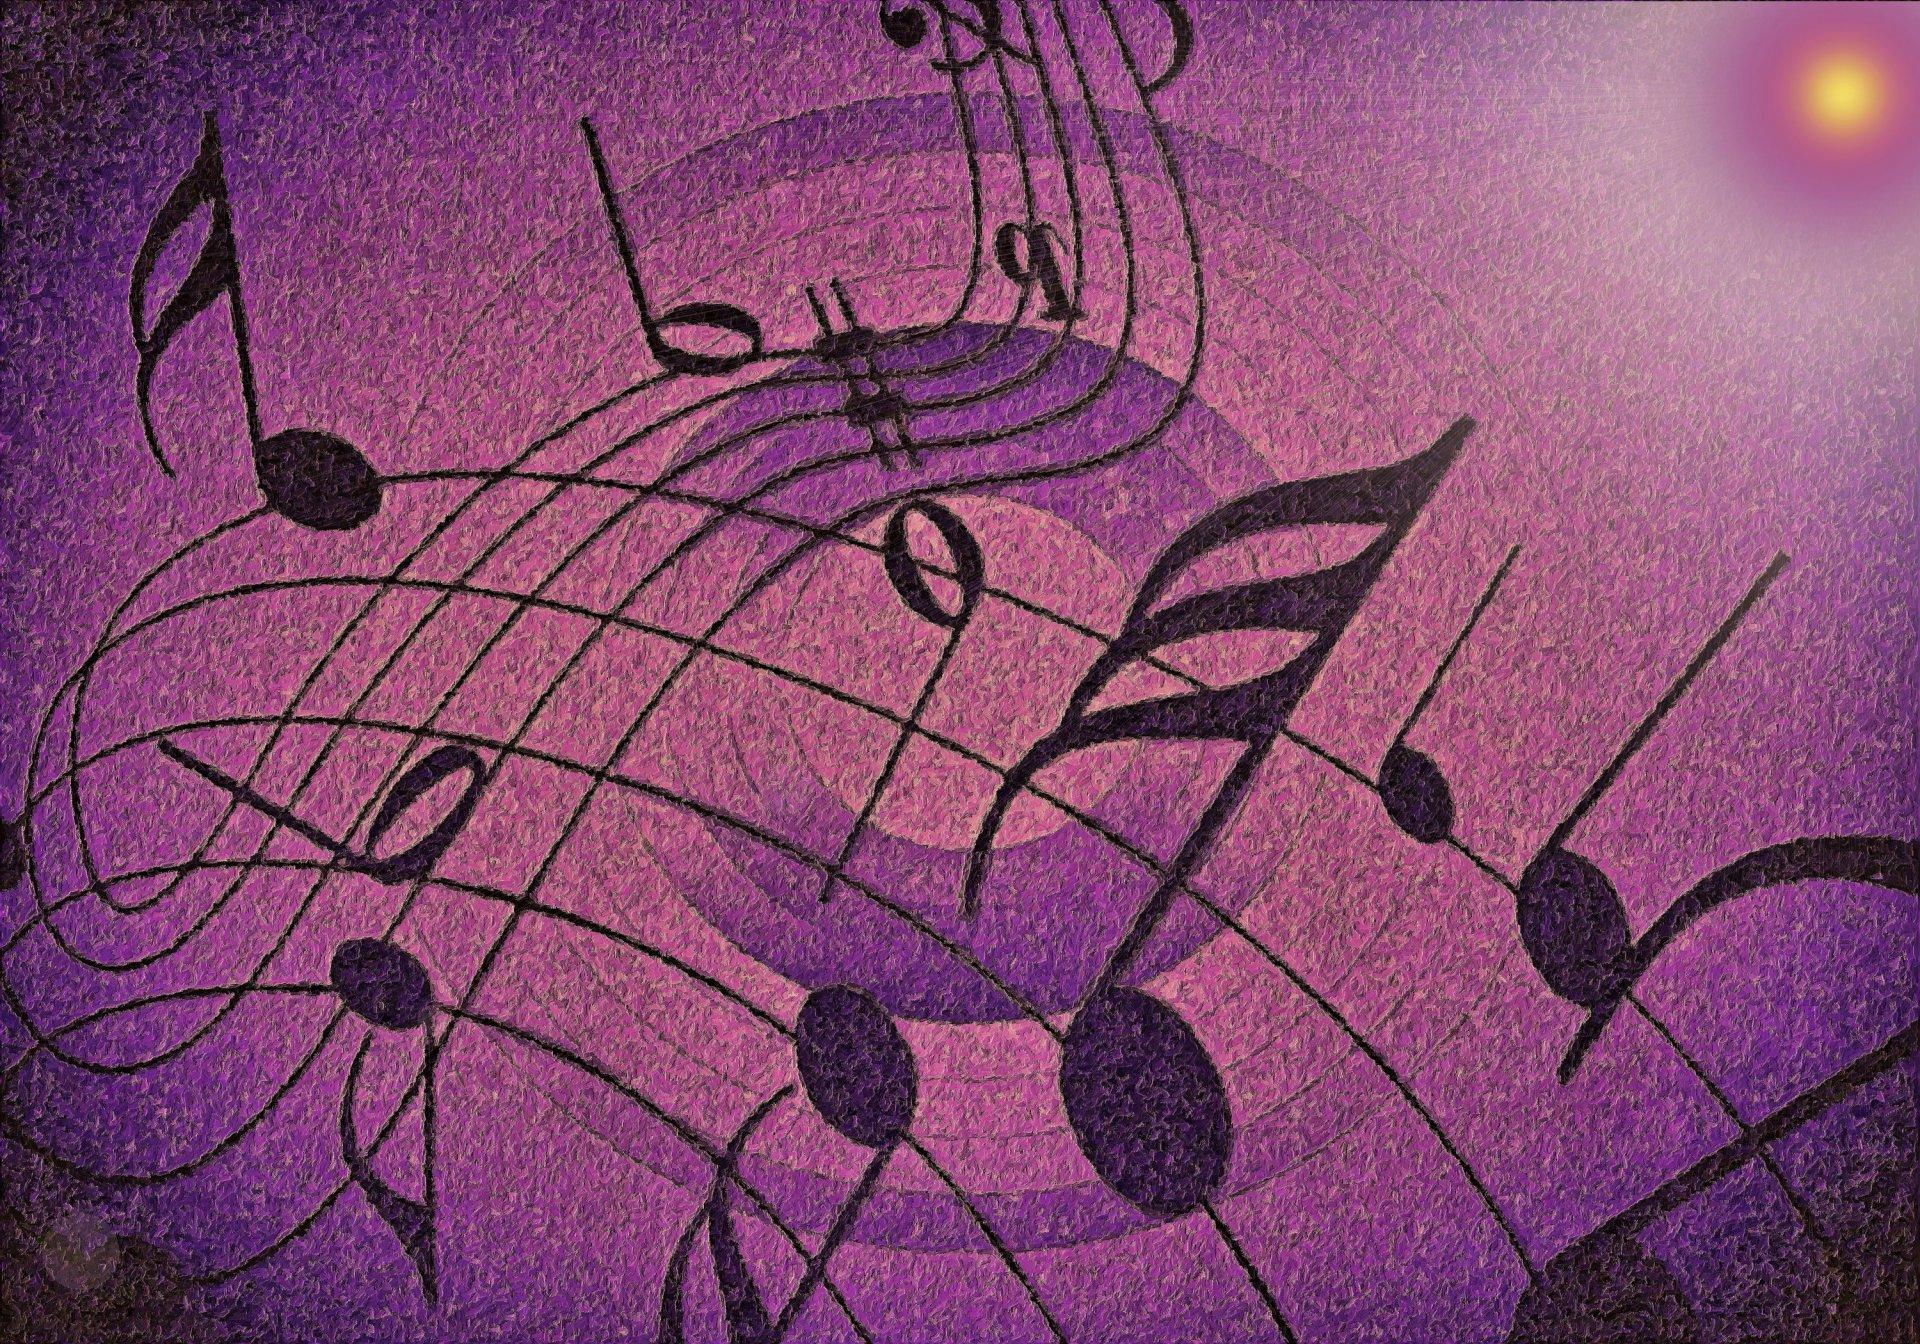 Пожелания здоровья, картинки на тему музыки дизайн